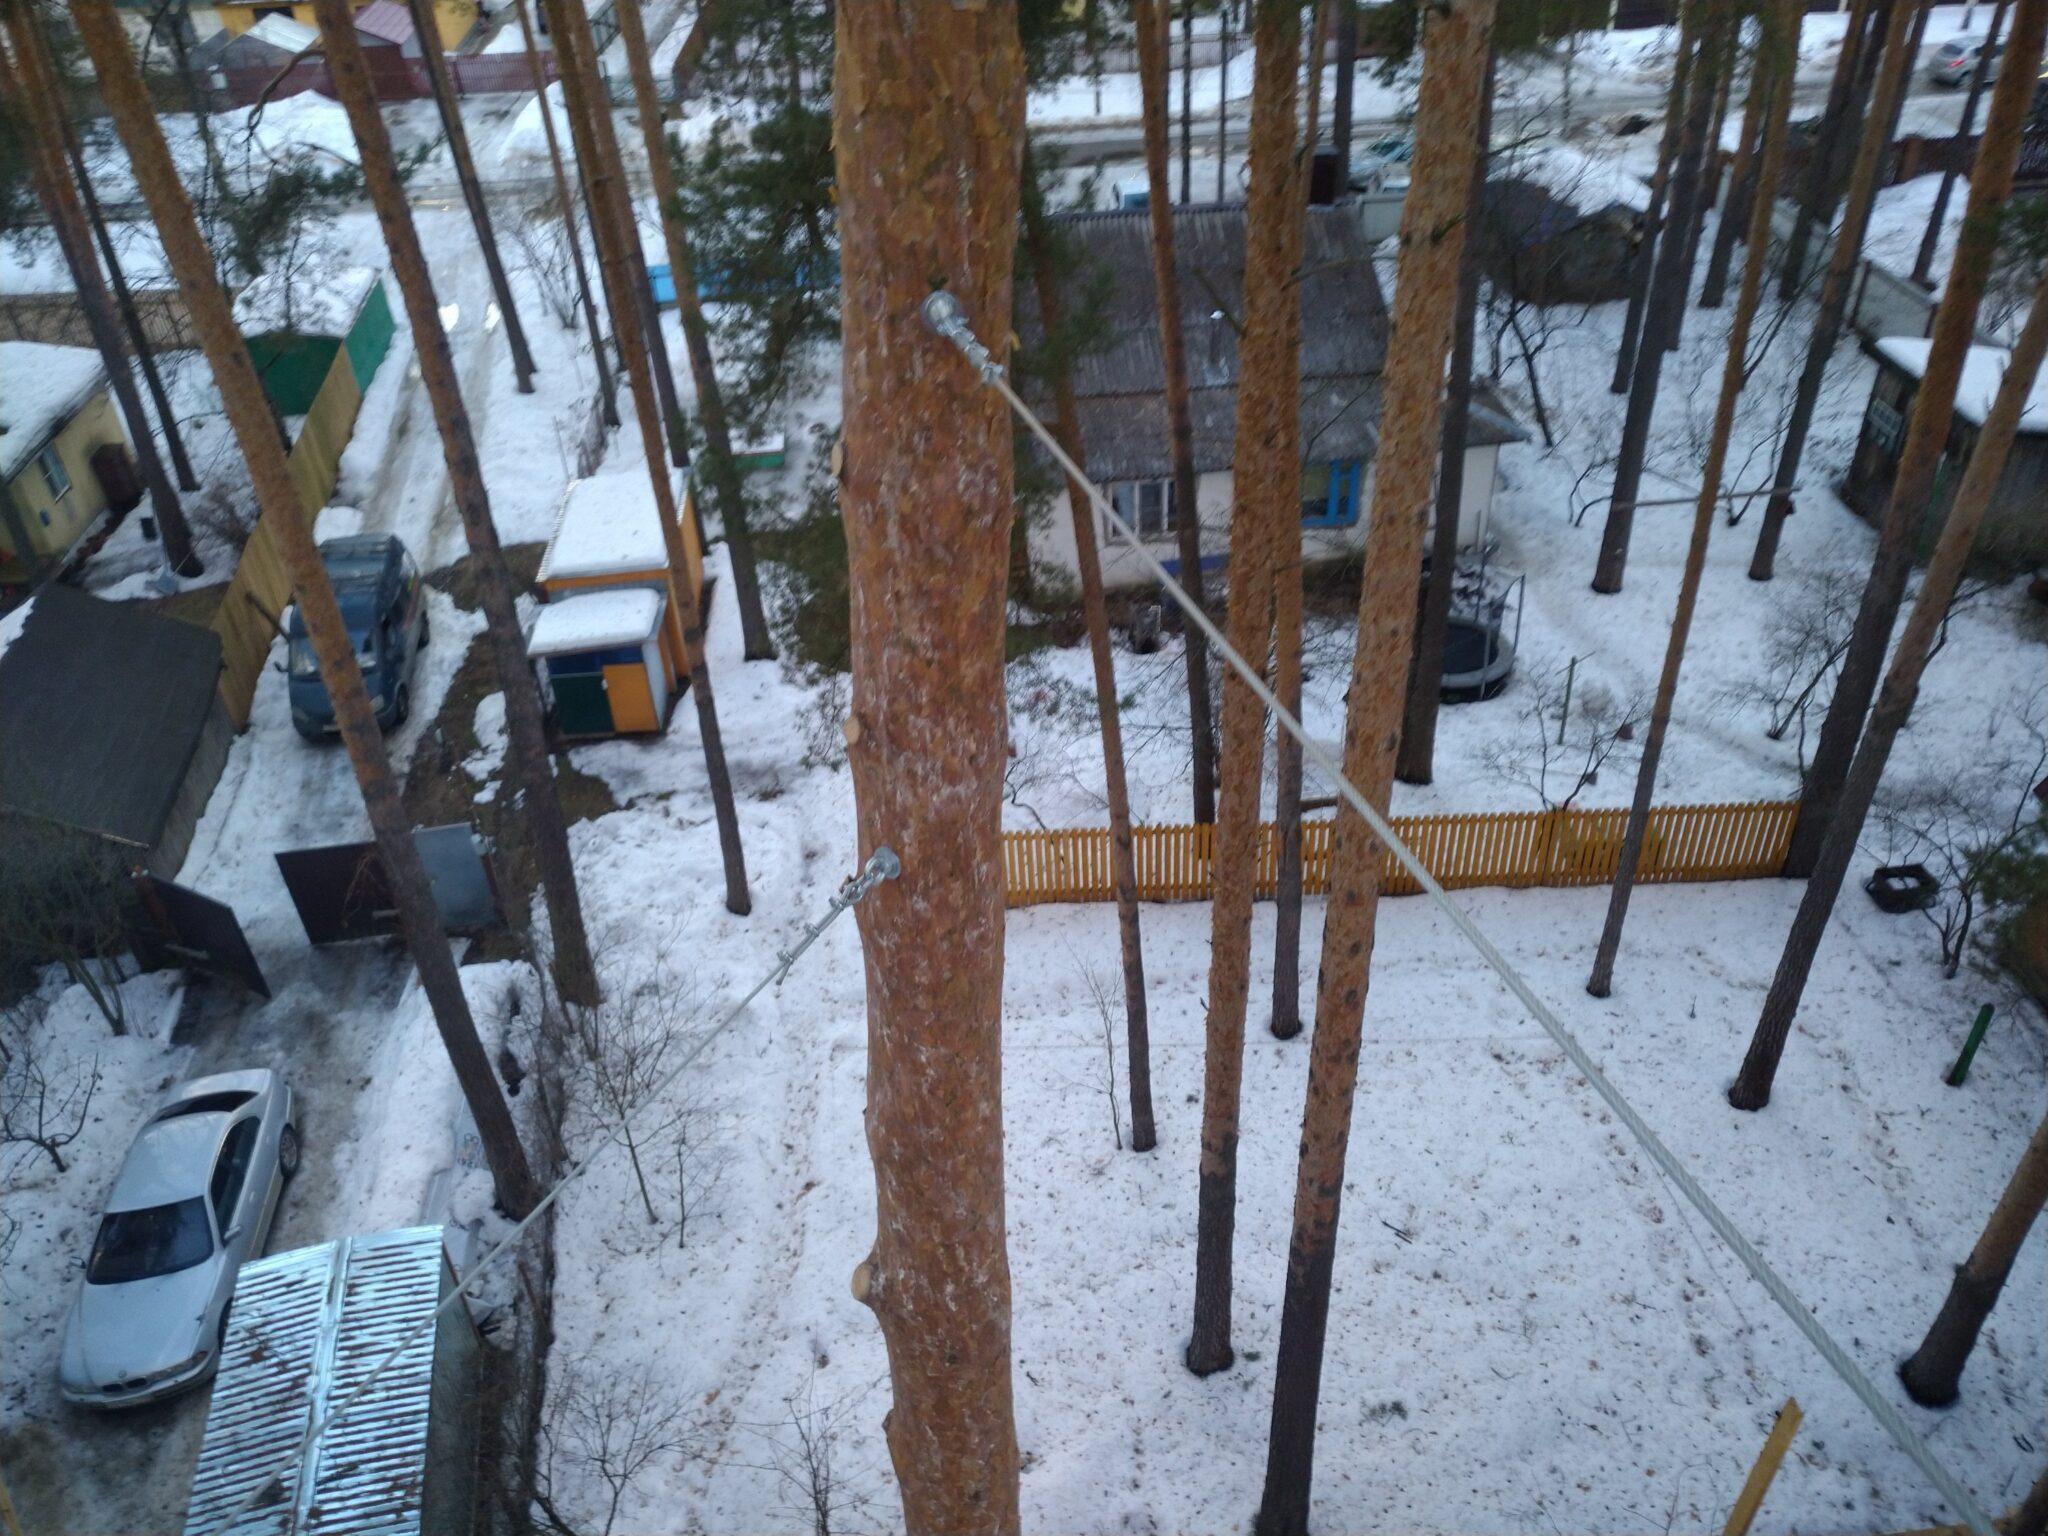 Укрепление деревьев тросами Дубна